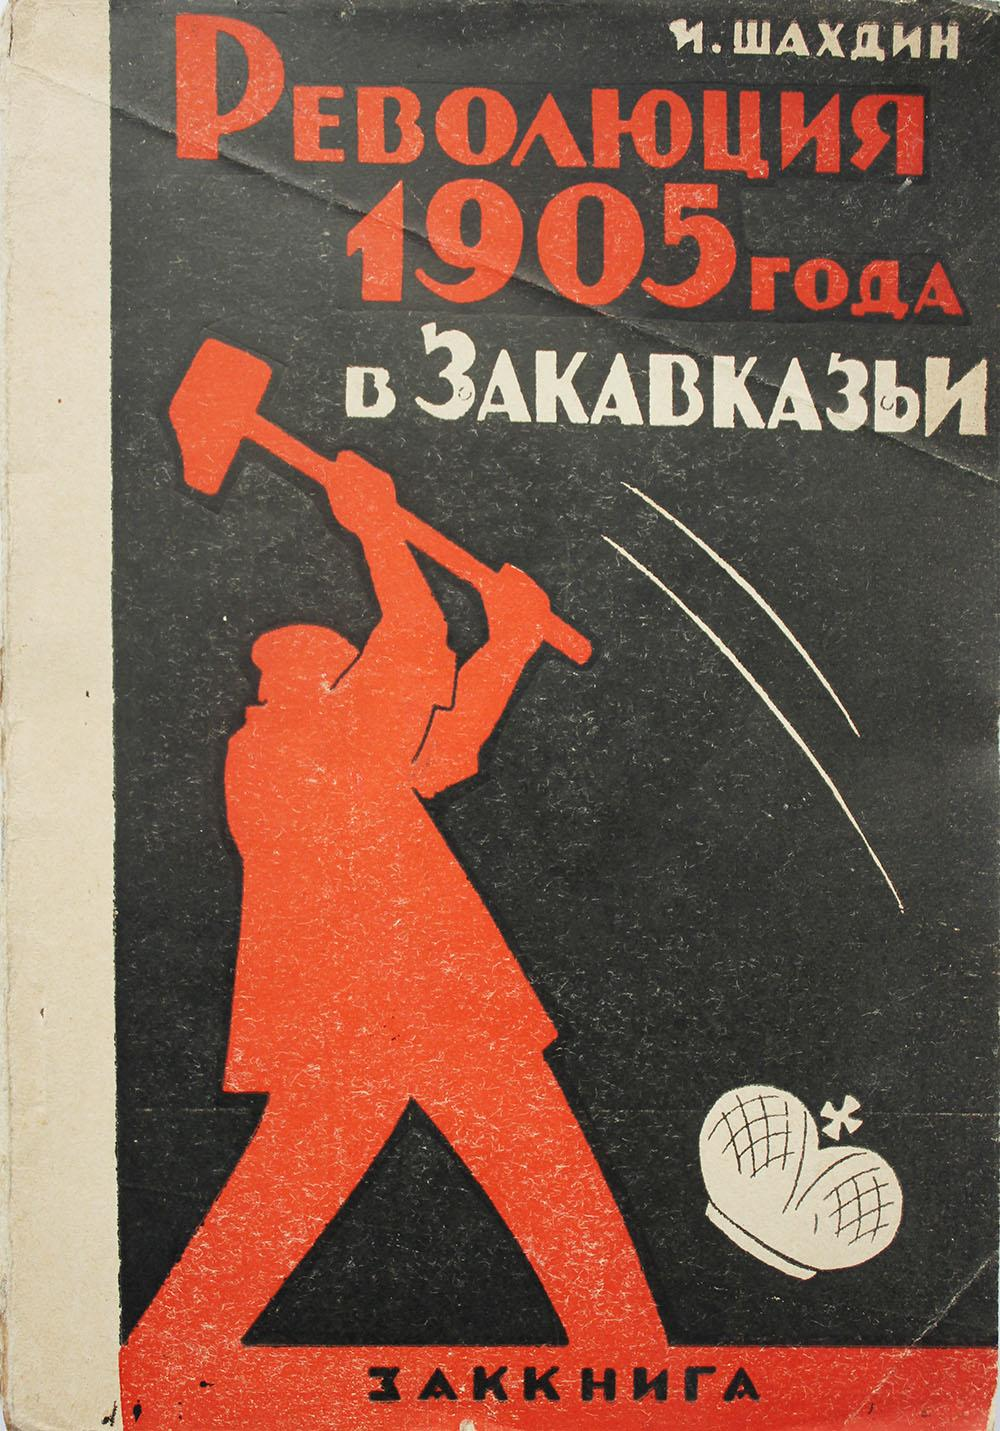 Shakhdin I Remembering Revolution Revoliutsia 1905 A V Zakavkazii E Of In Transcaucasia Zakkniga Tiflis 1930 72 Pp